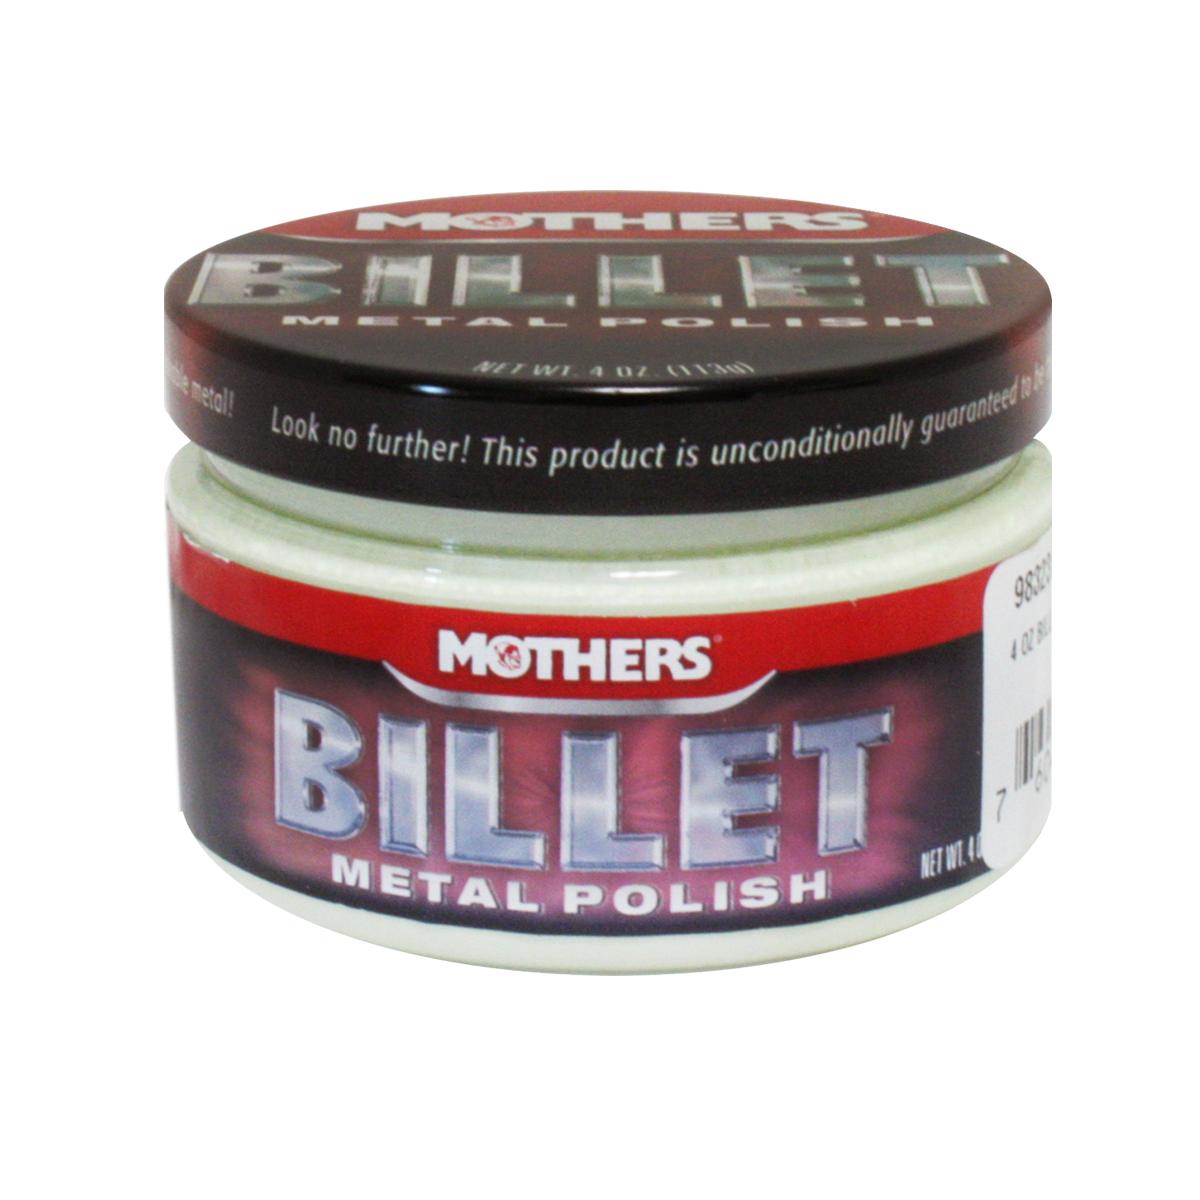 98323 Mothers Billet Metal Polish